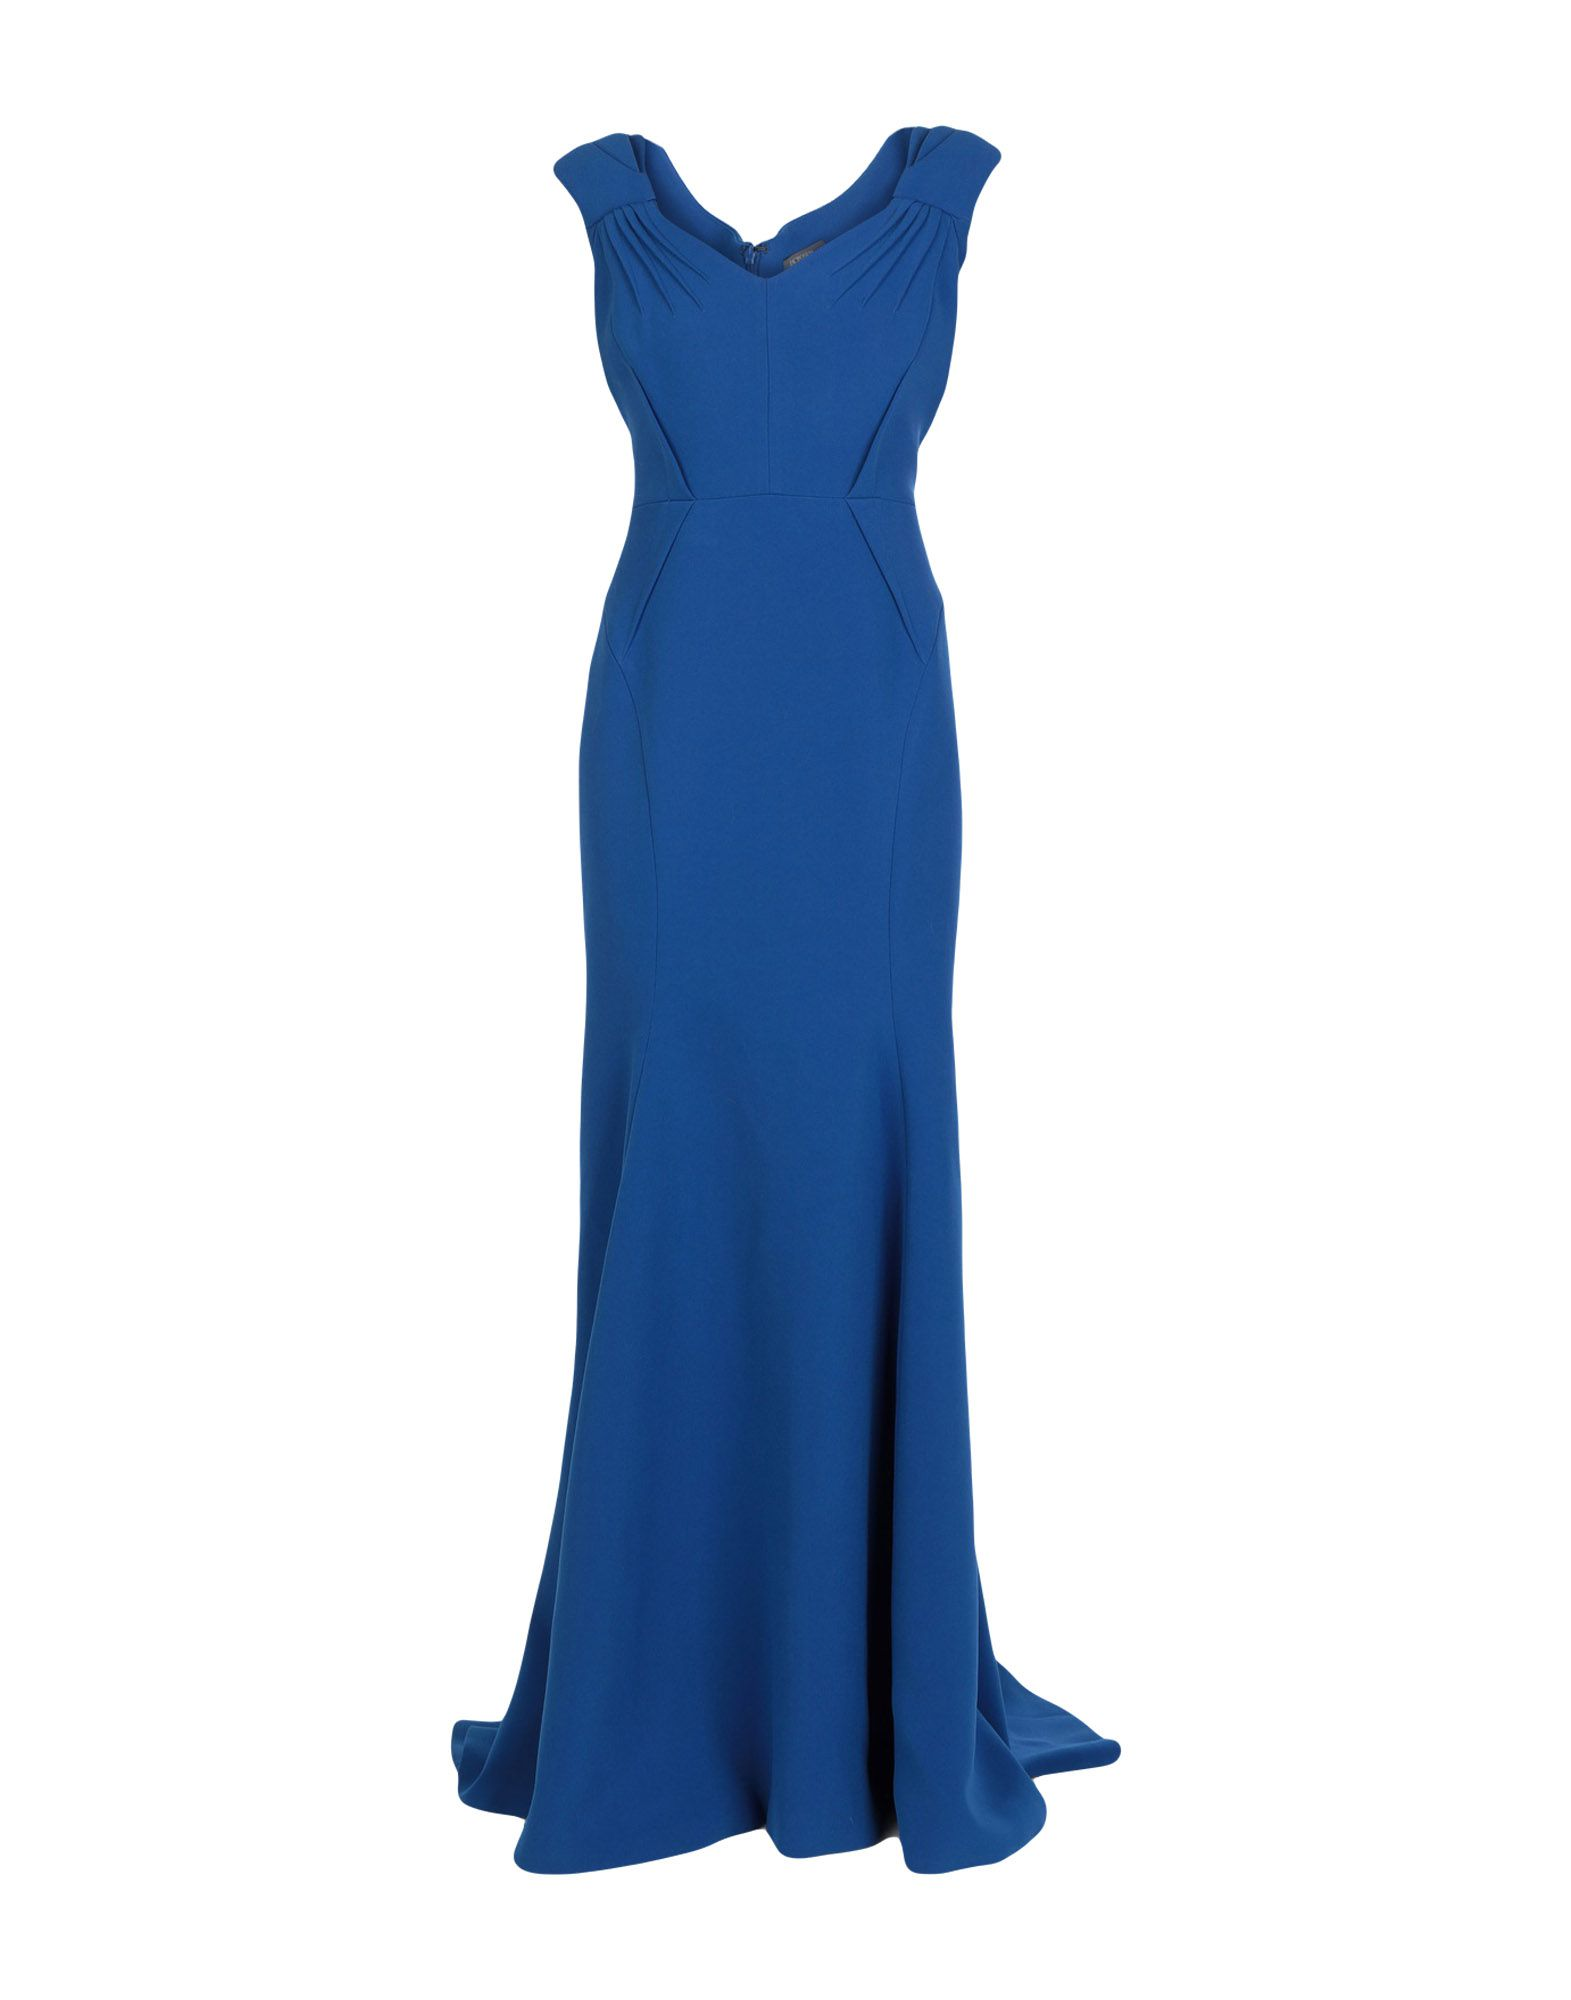 ZAC POSEN Длинное платье